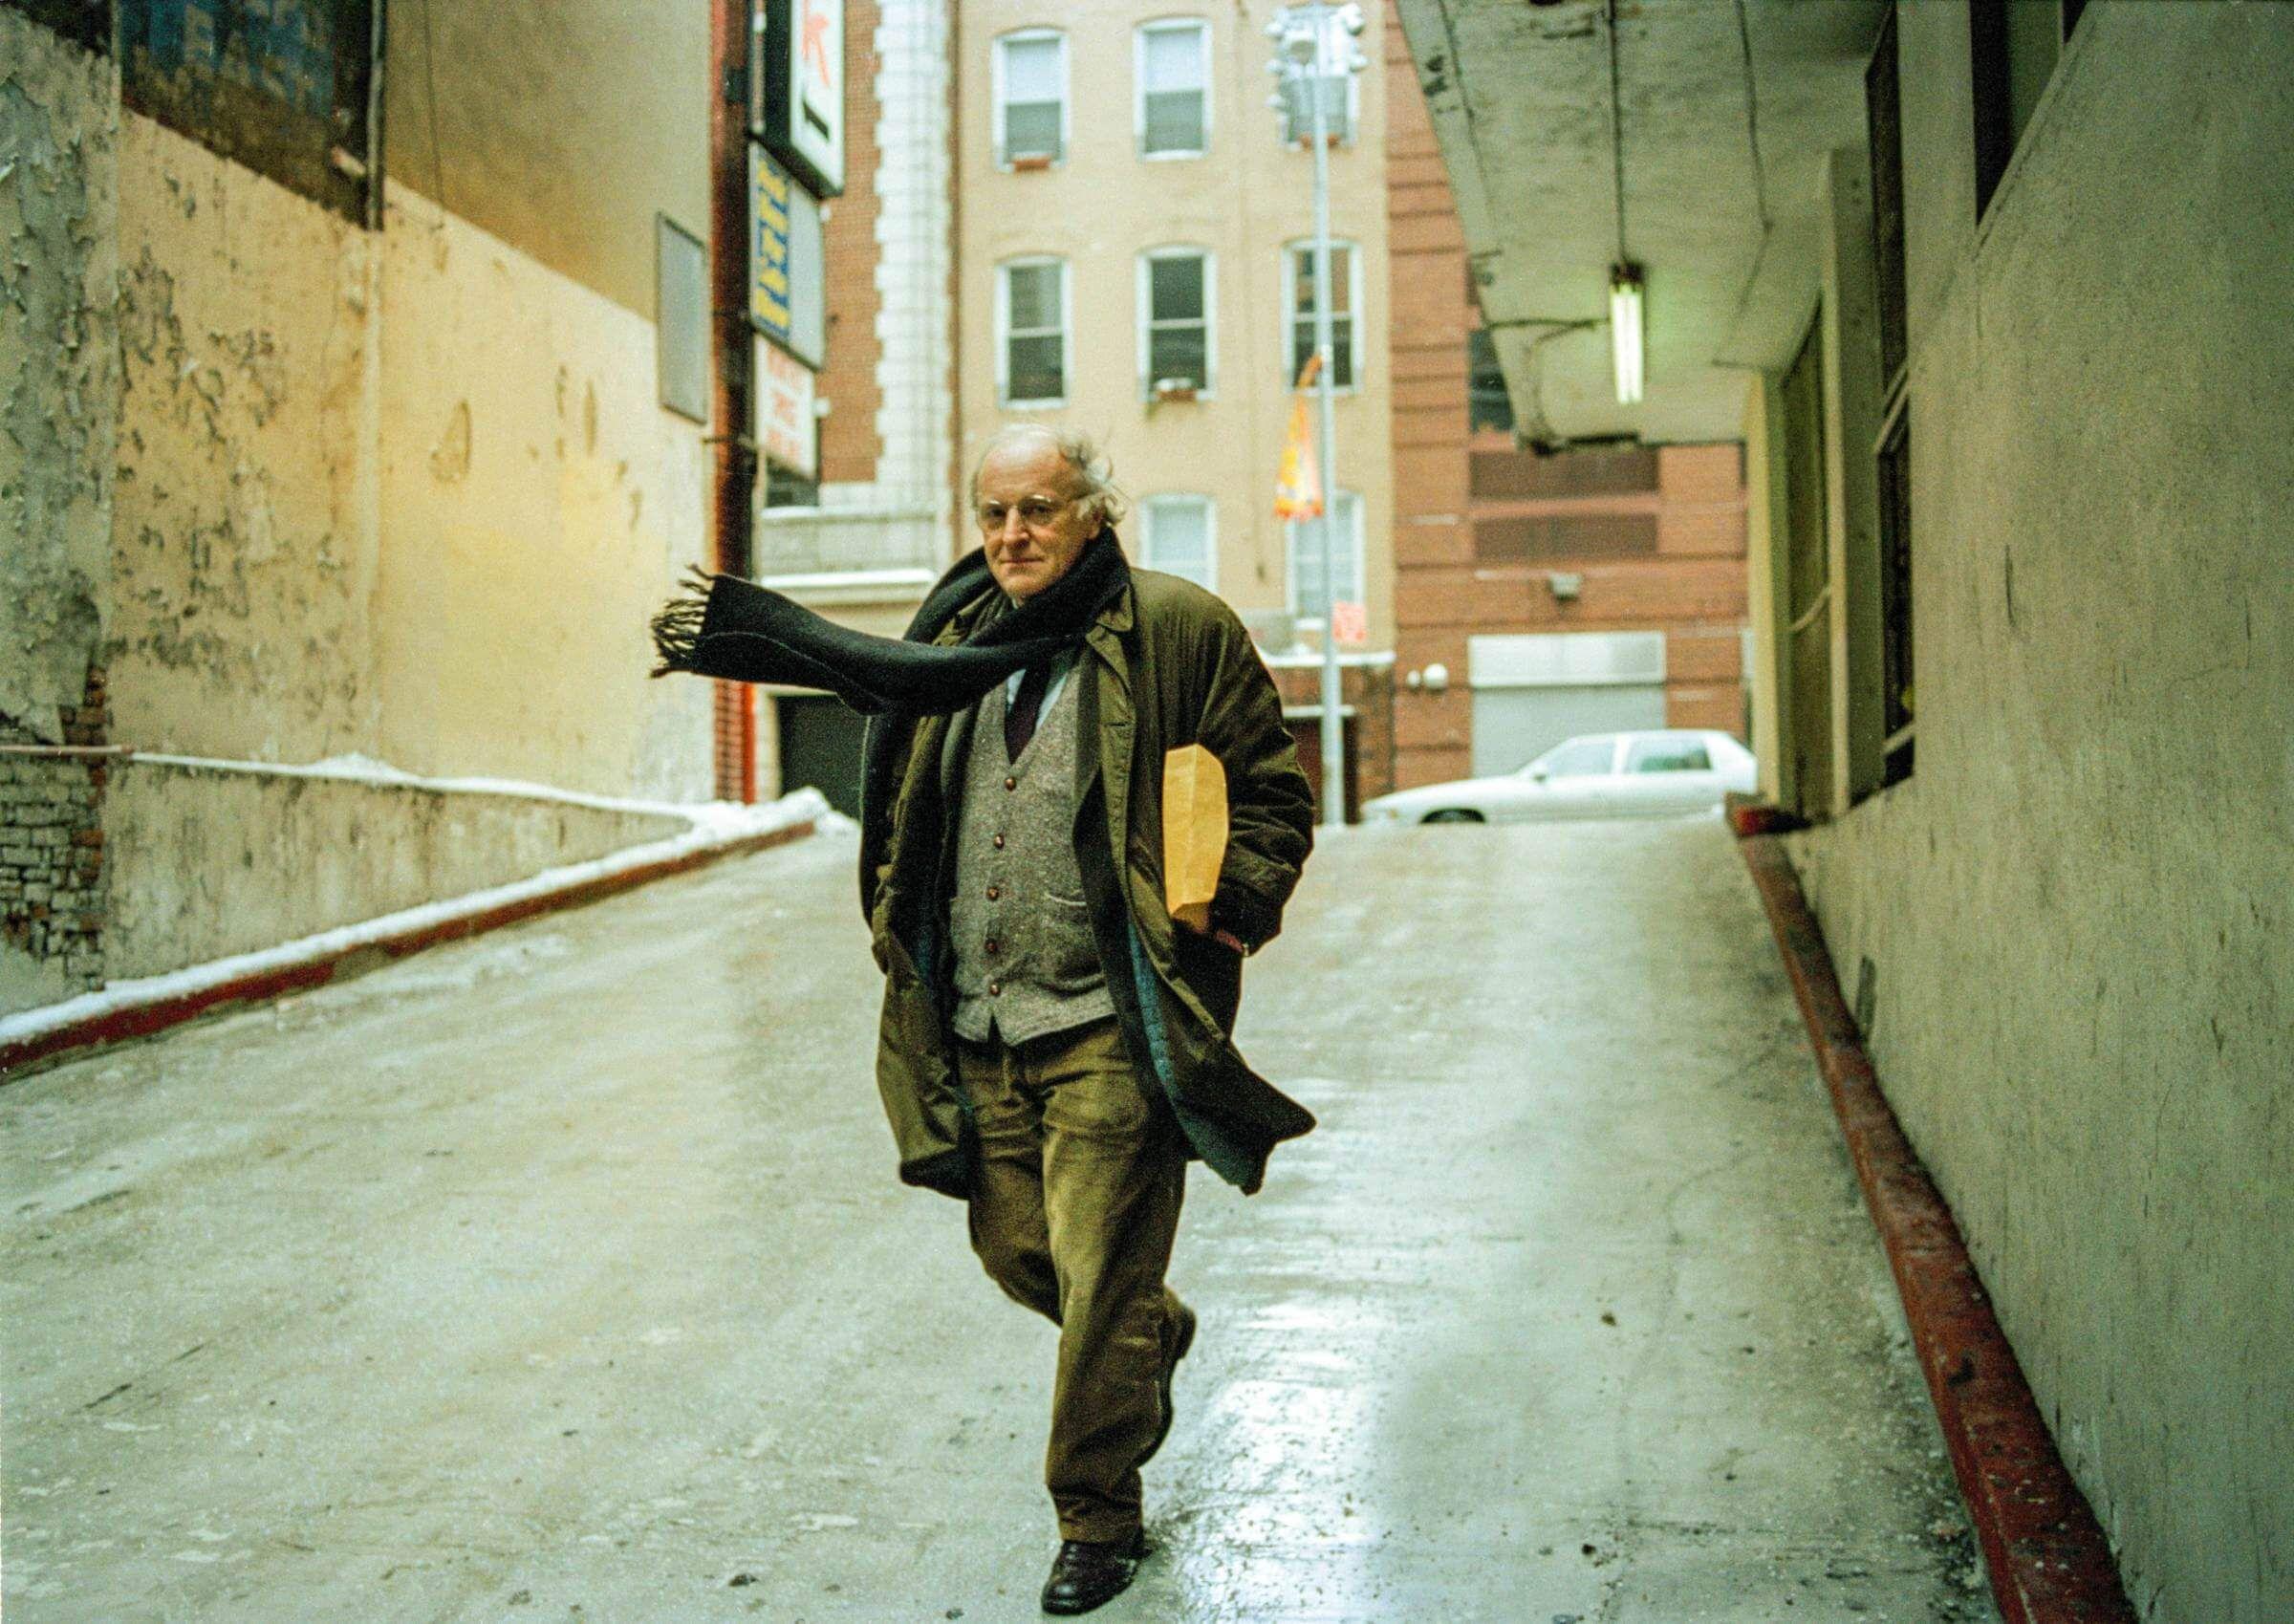 Иосиф Бродский, Нью-Йорк, 1995. Источник: Сергей Берменьев, esquire.ru